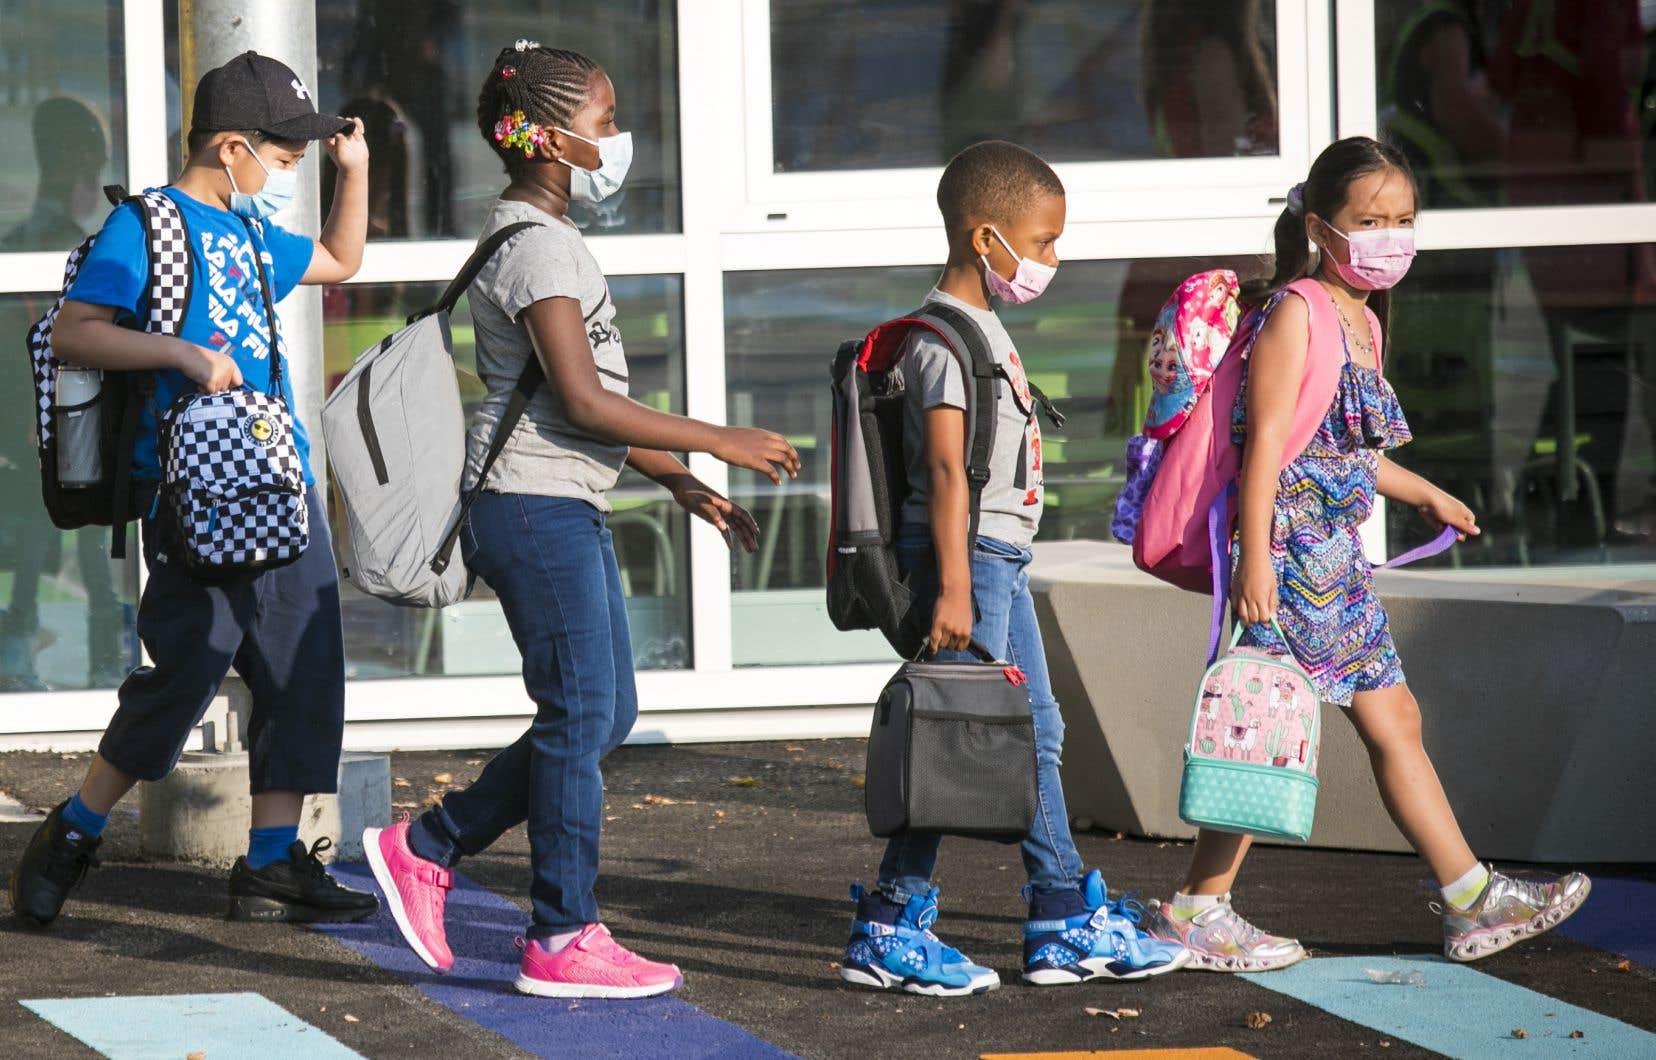 Partout au Québec, les cours dans les écoles primaires et secondaires se tiennent entièrement en présentiel, ce qui représente plusieurs défis pour le milieu scolaire.